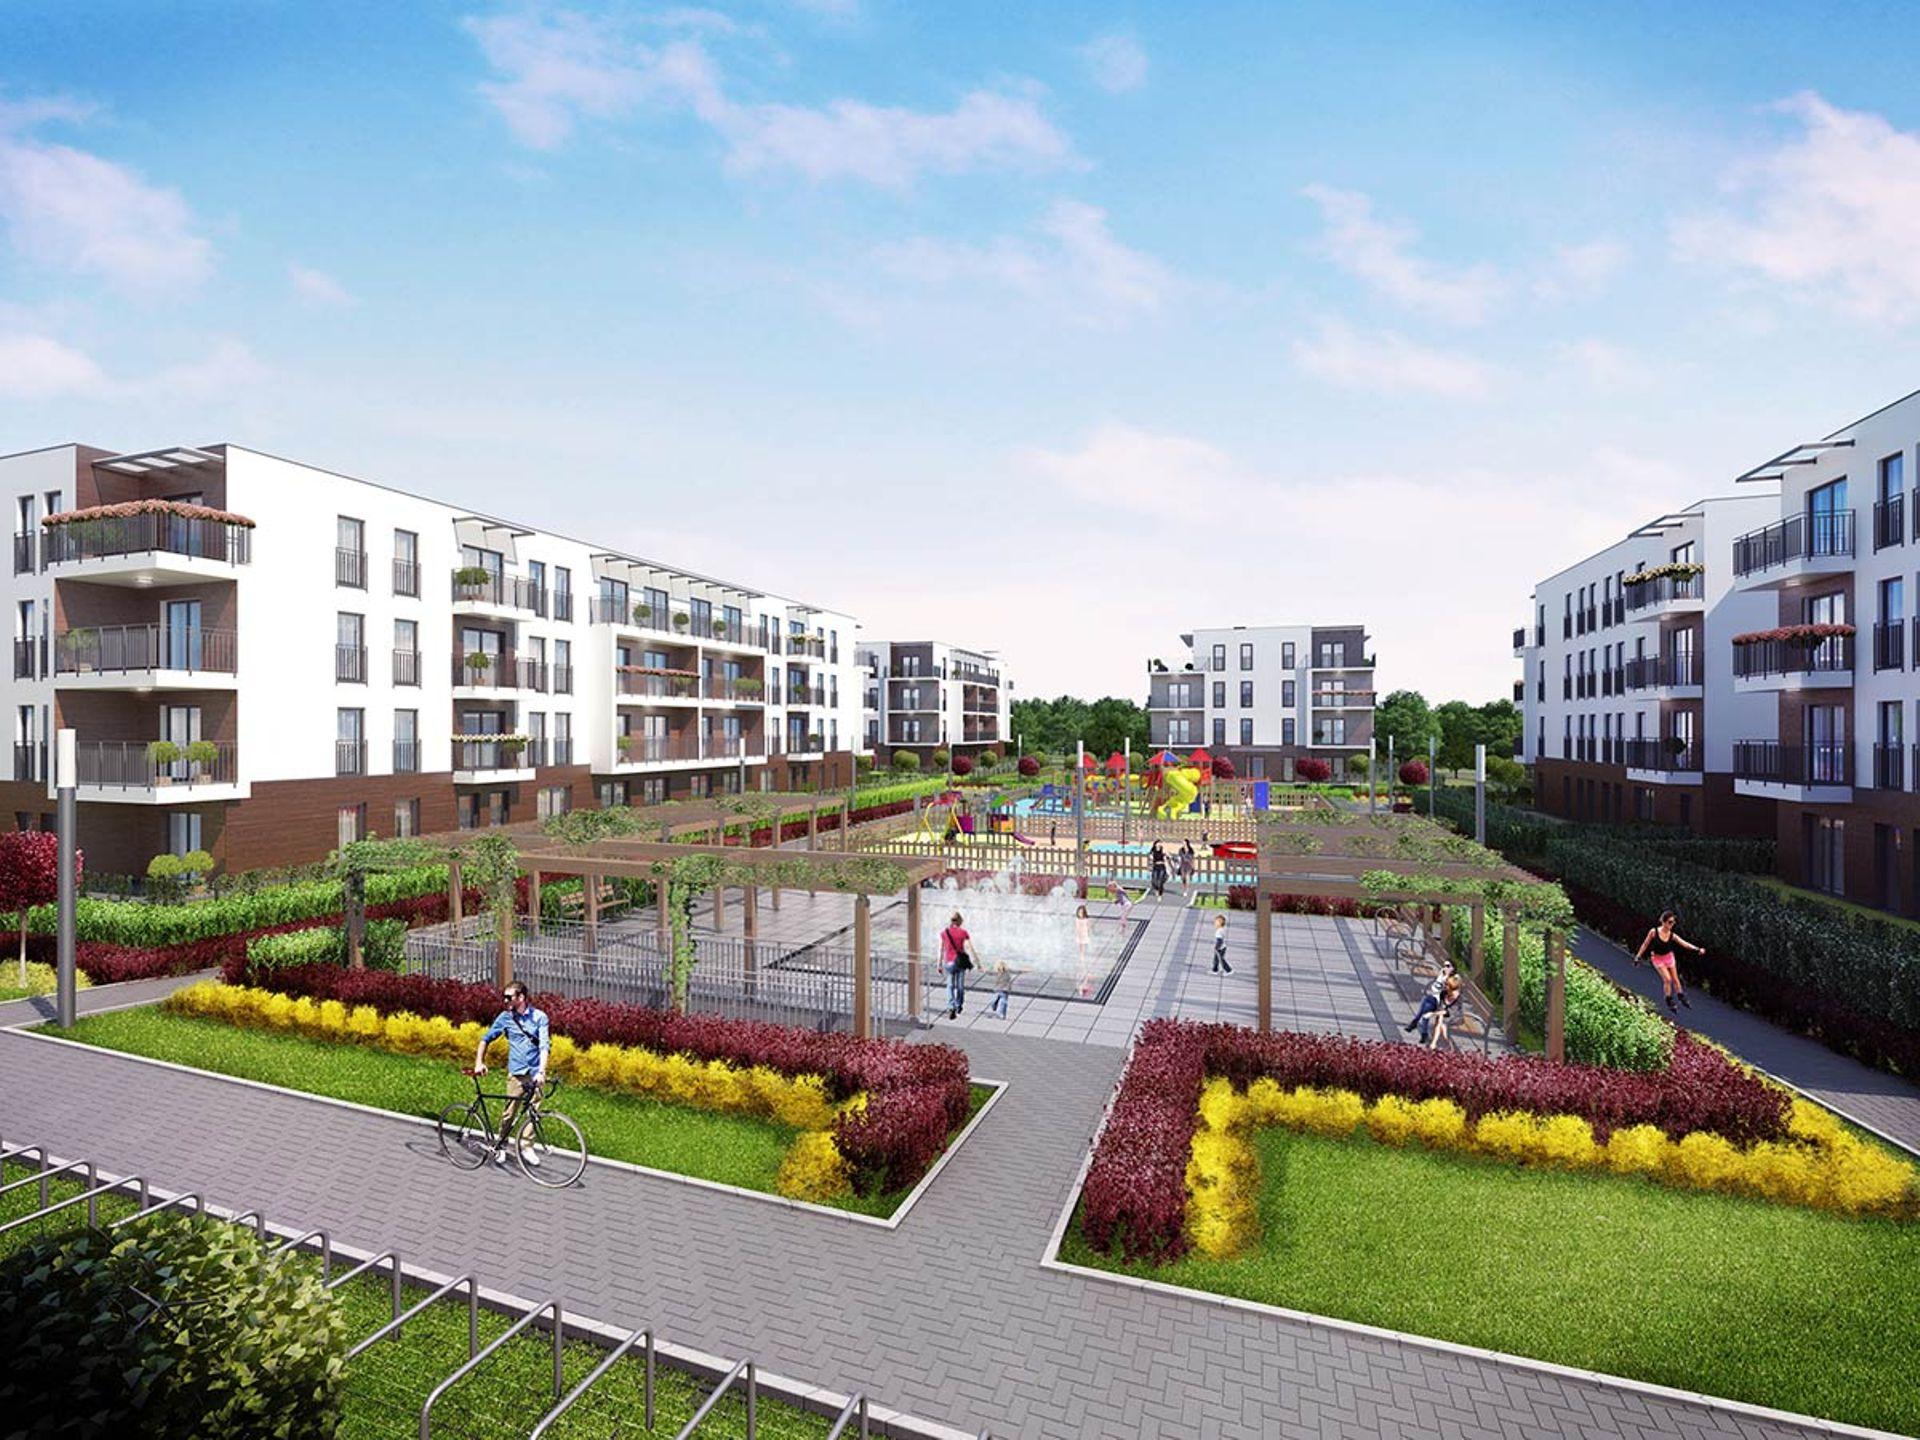 Warszawa: Wawer Love – Green House Development zbuduje w Falenicy osiedle z przedszkolem